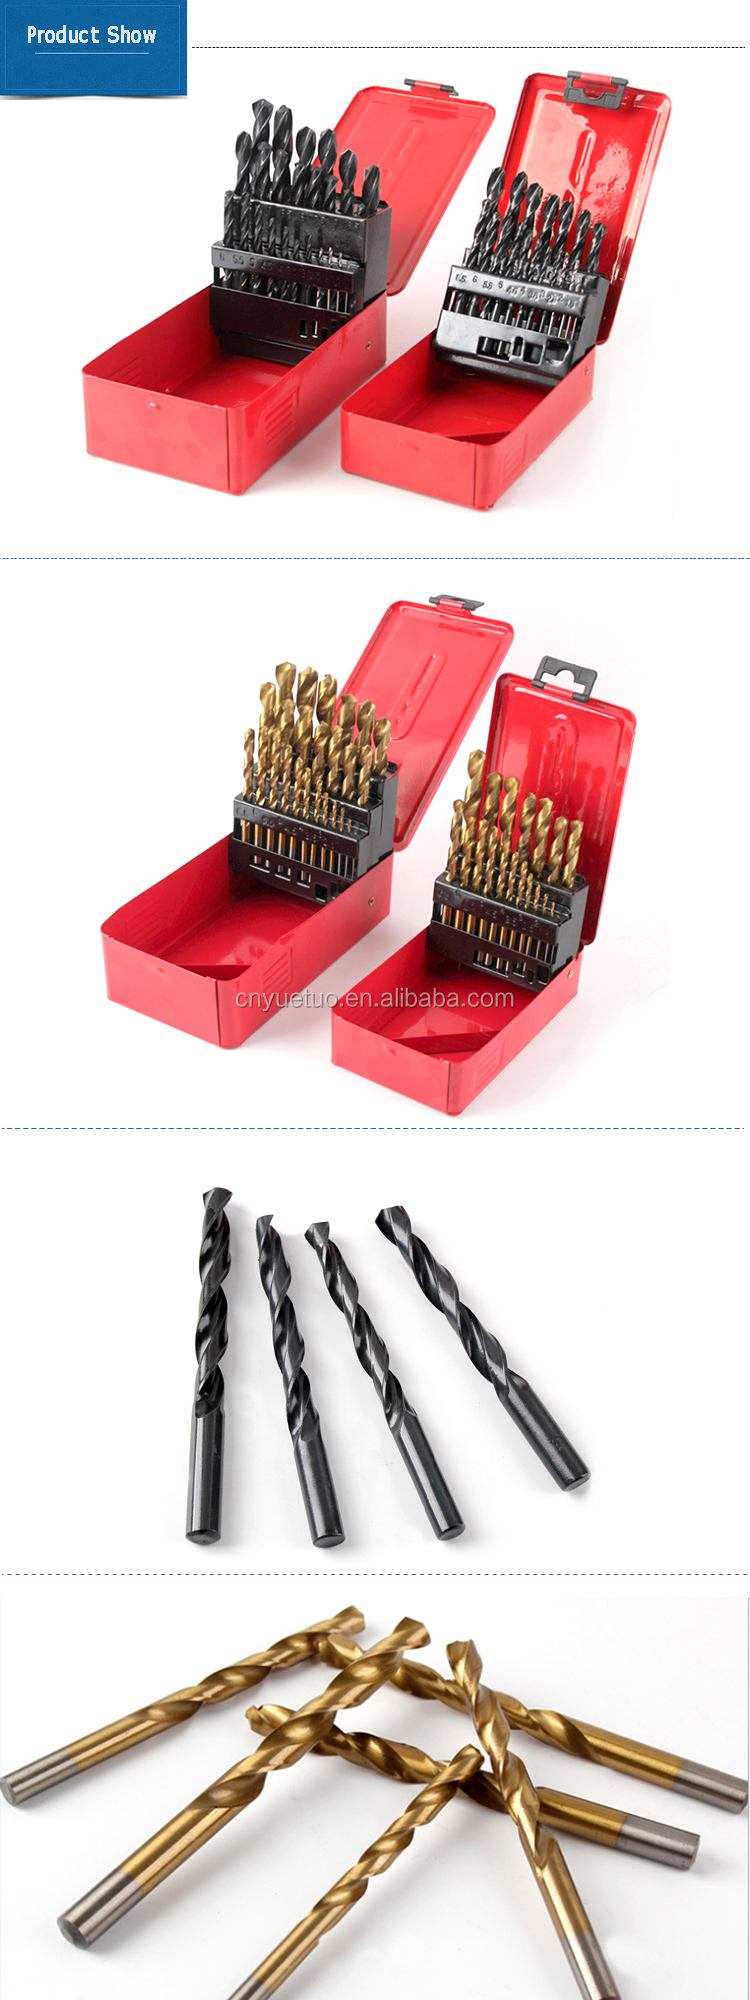 25pcs Aluminum for Drilling Jobs HSS Drill Bit Straight Shank Durable 1mm-13mm High Speed Steel Drill Bit Set 4341 steel